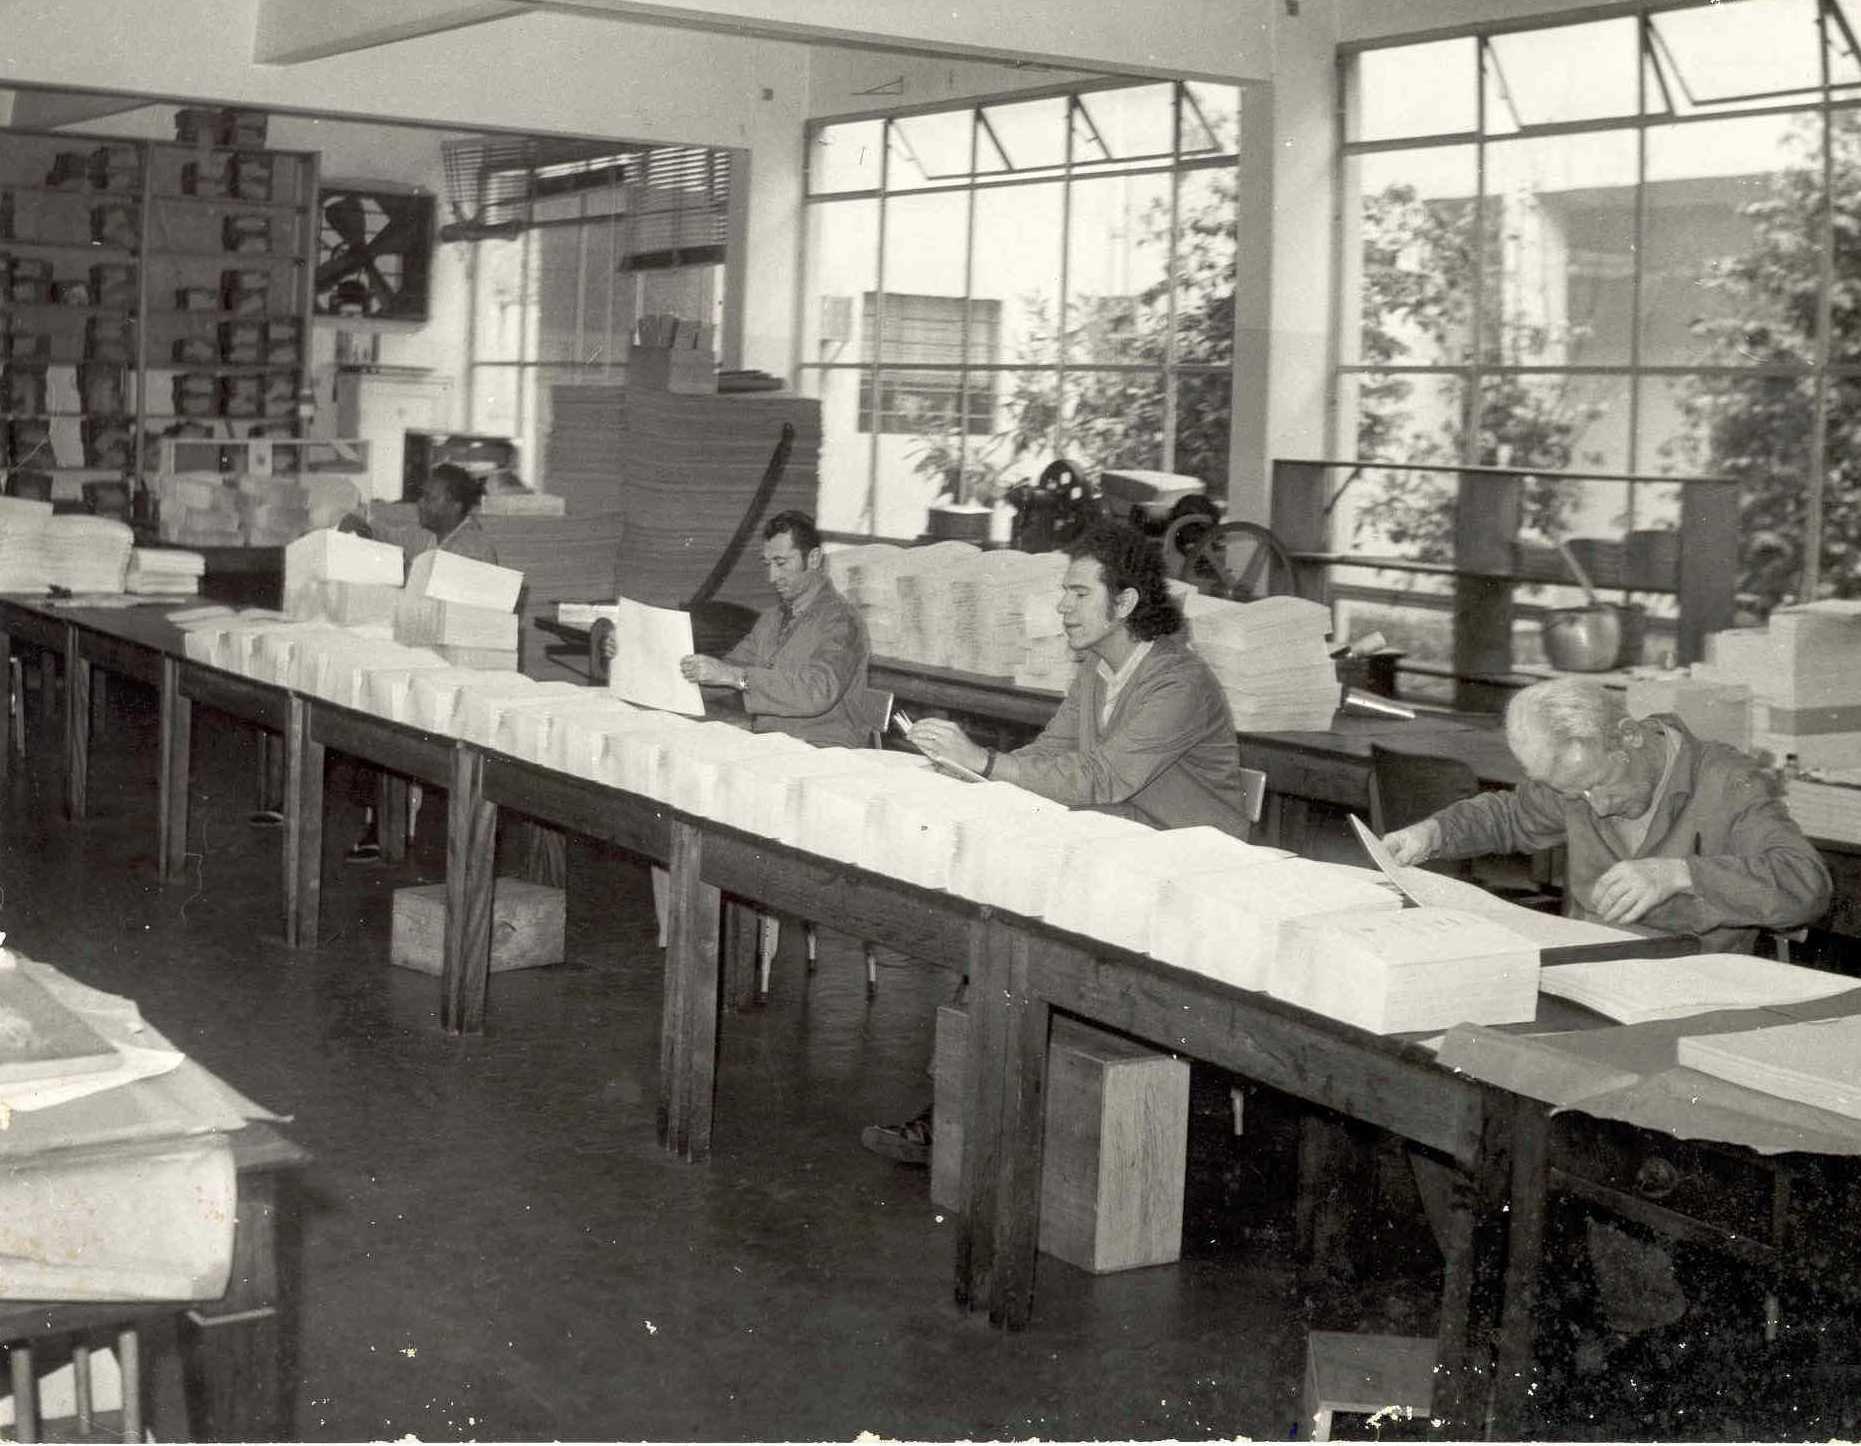 Descrição da imagem: foto em preto e branco de quatro homens manuseando pilhas de papel em branco sobre uma bancada.